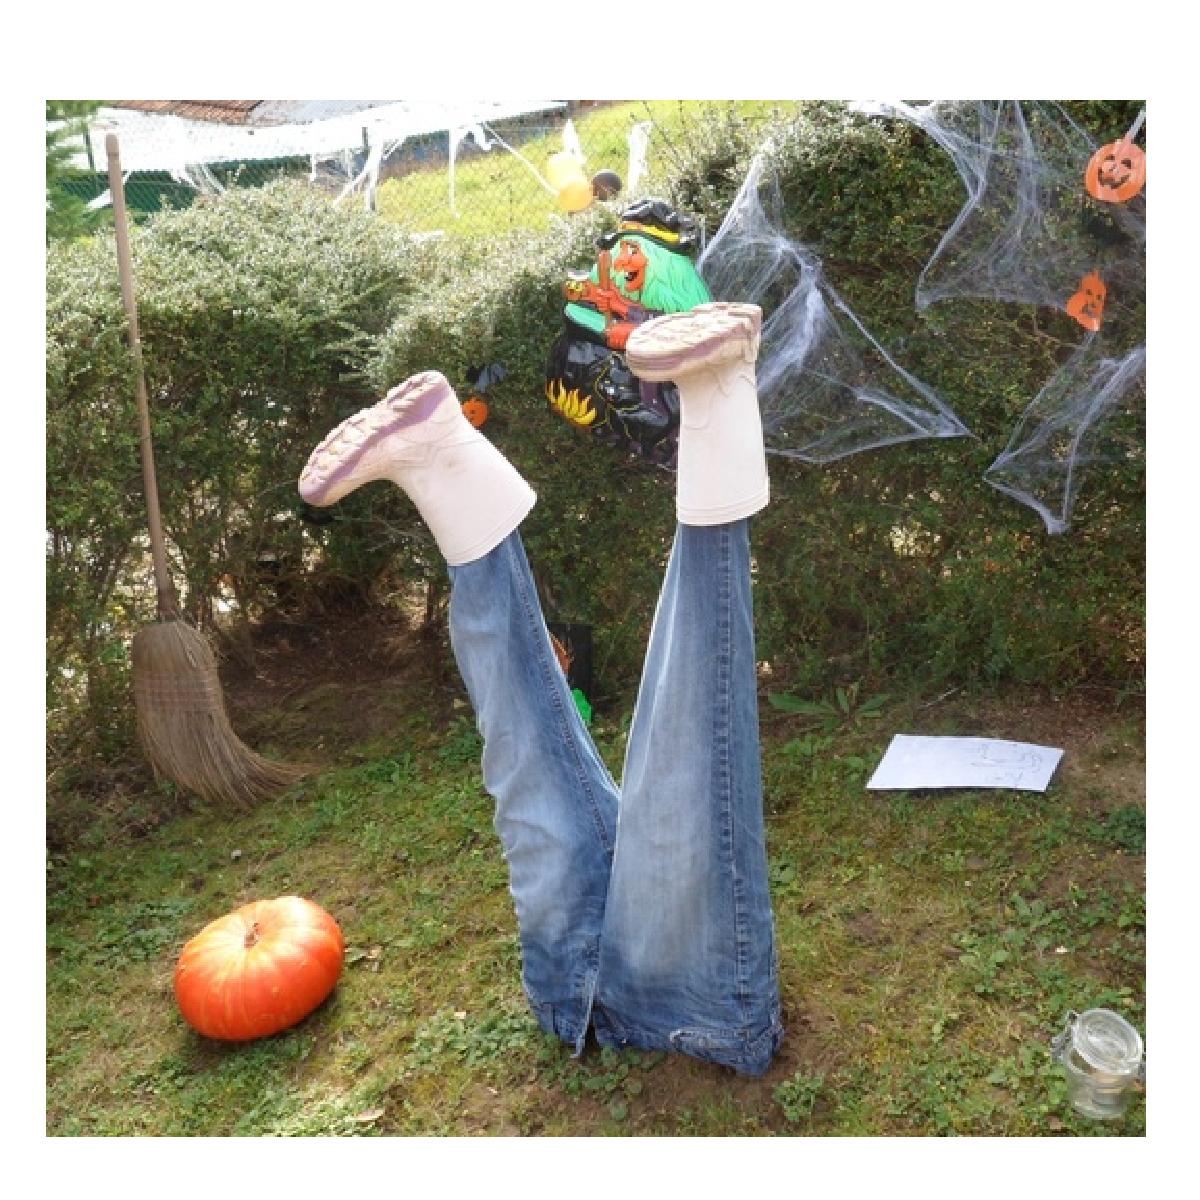 Cadeaux 2 ouf id es de cadeaux insolites et originaux halloween 10 objets insolites pour for Jardin halloween